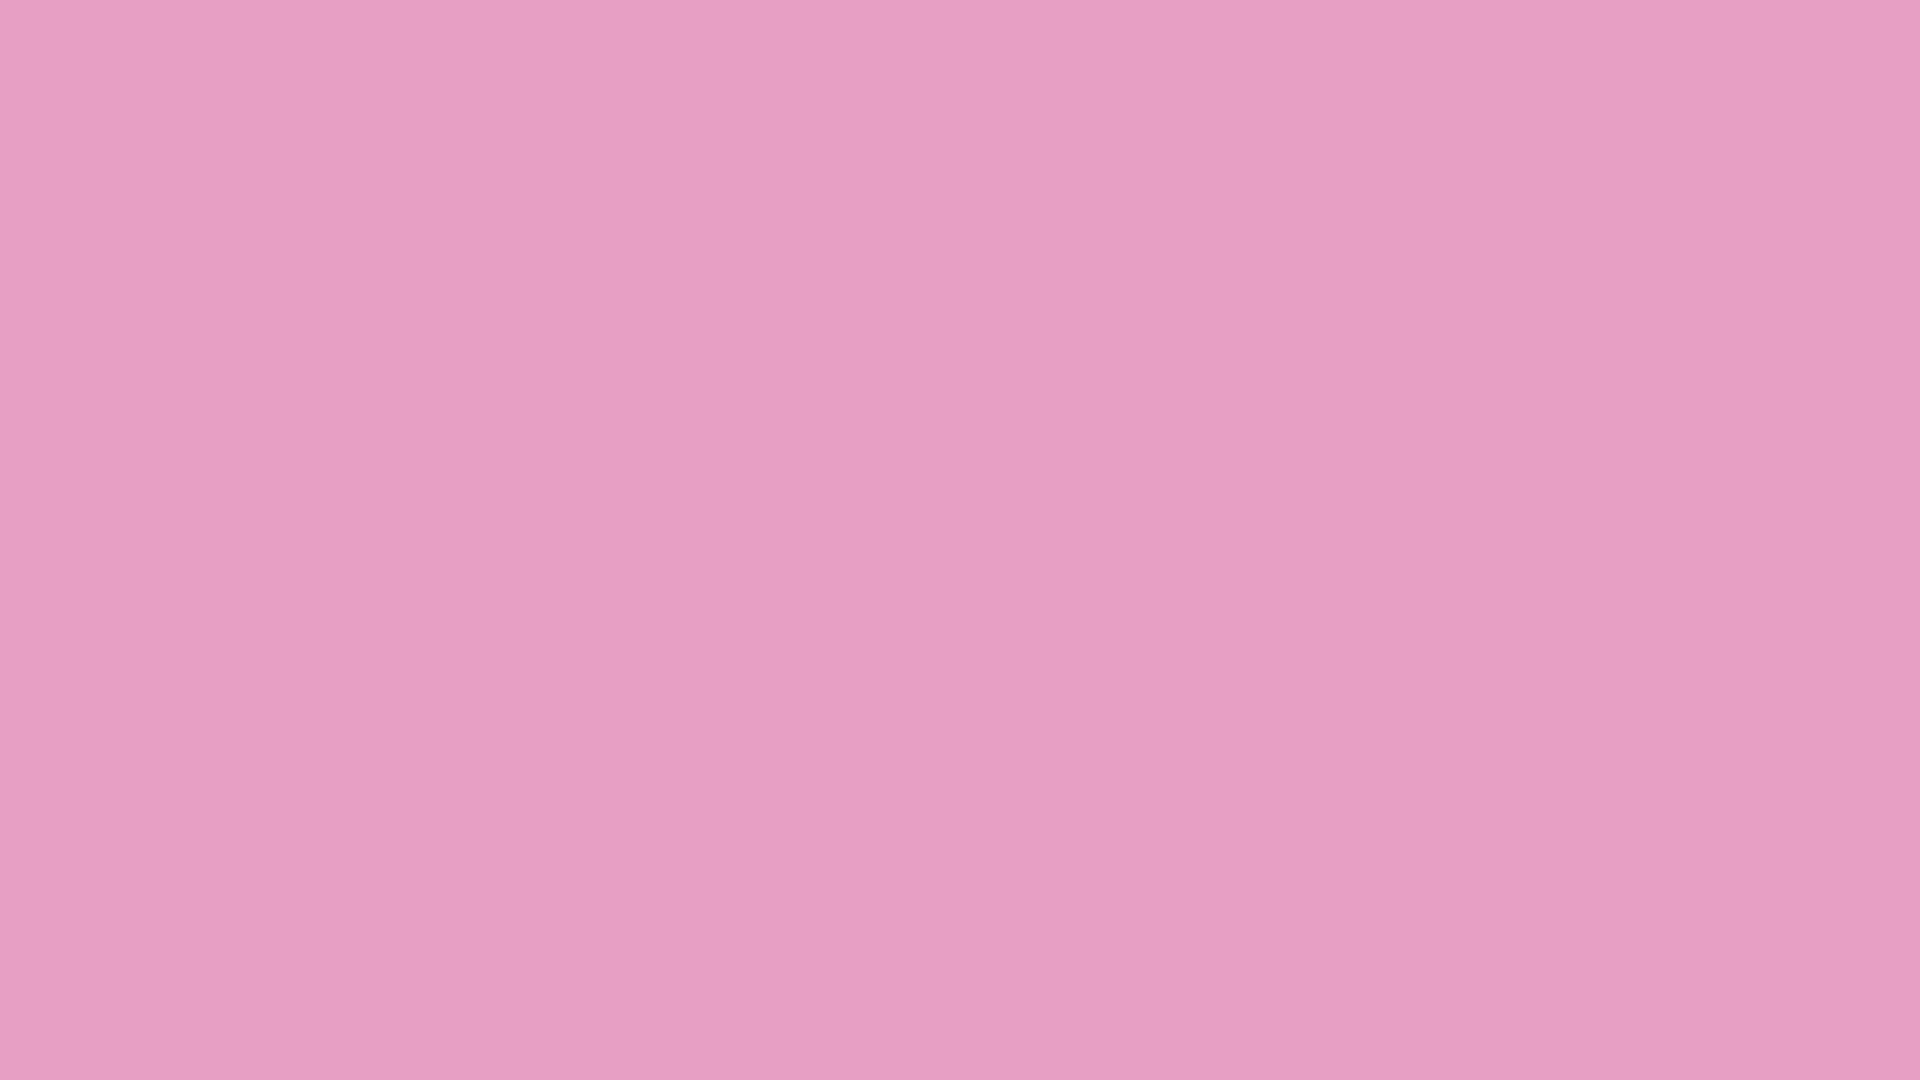 1920x1080 Kobi Solid Color Background